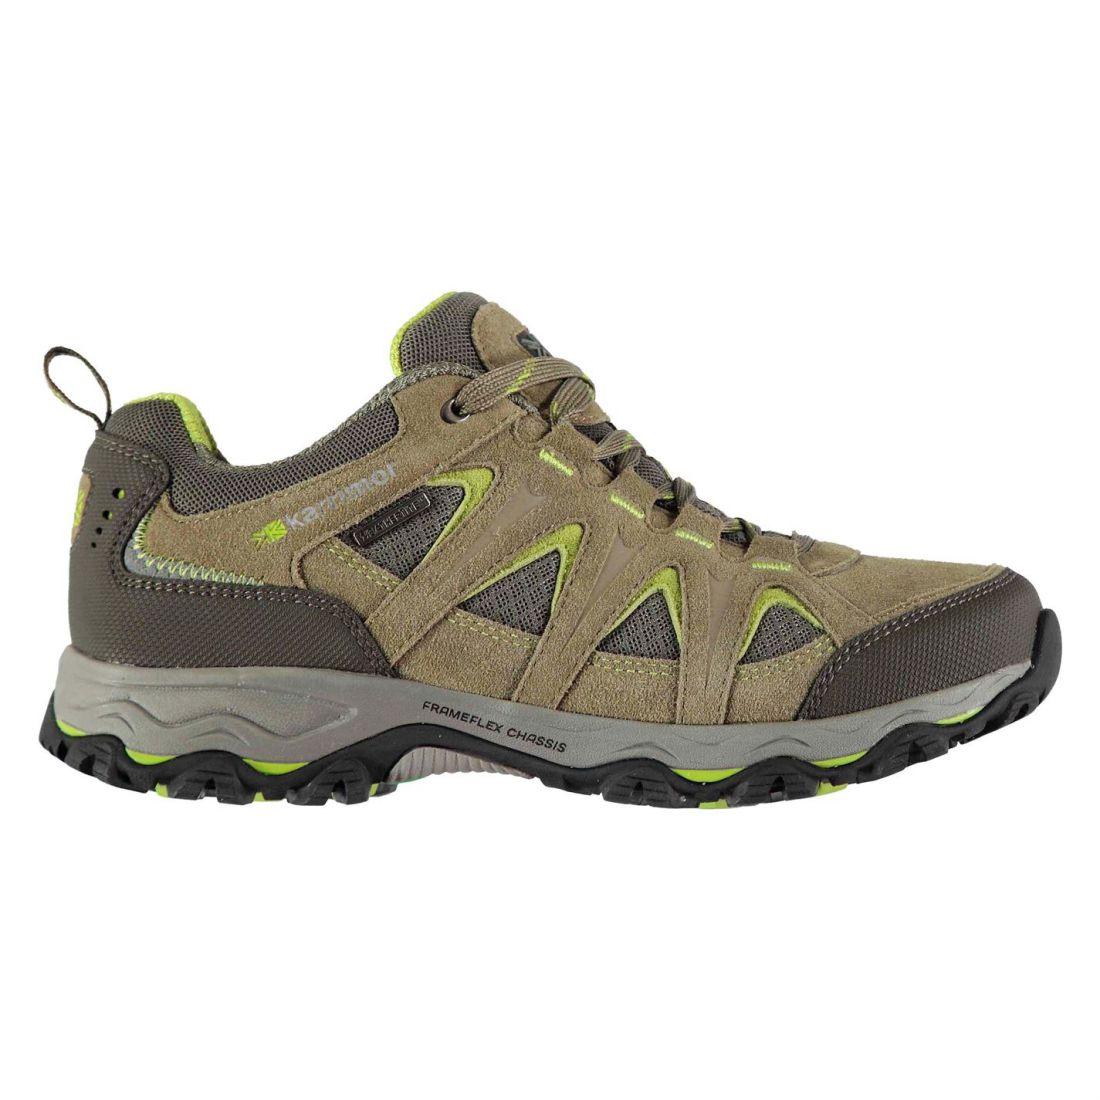 Karrimor Womens Mount Low Ladies Walking Shoes Waterproof -1752